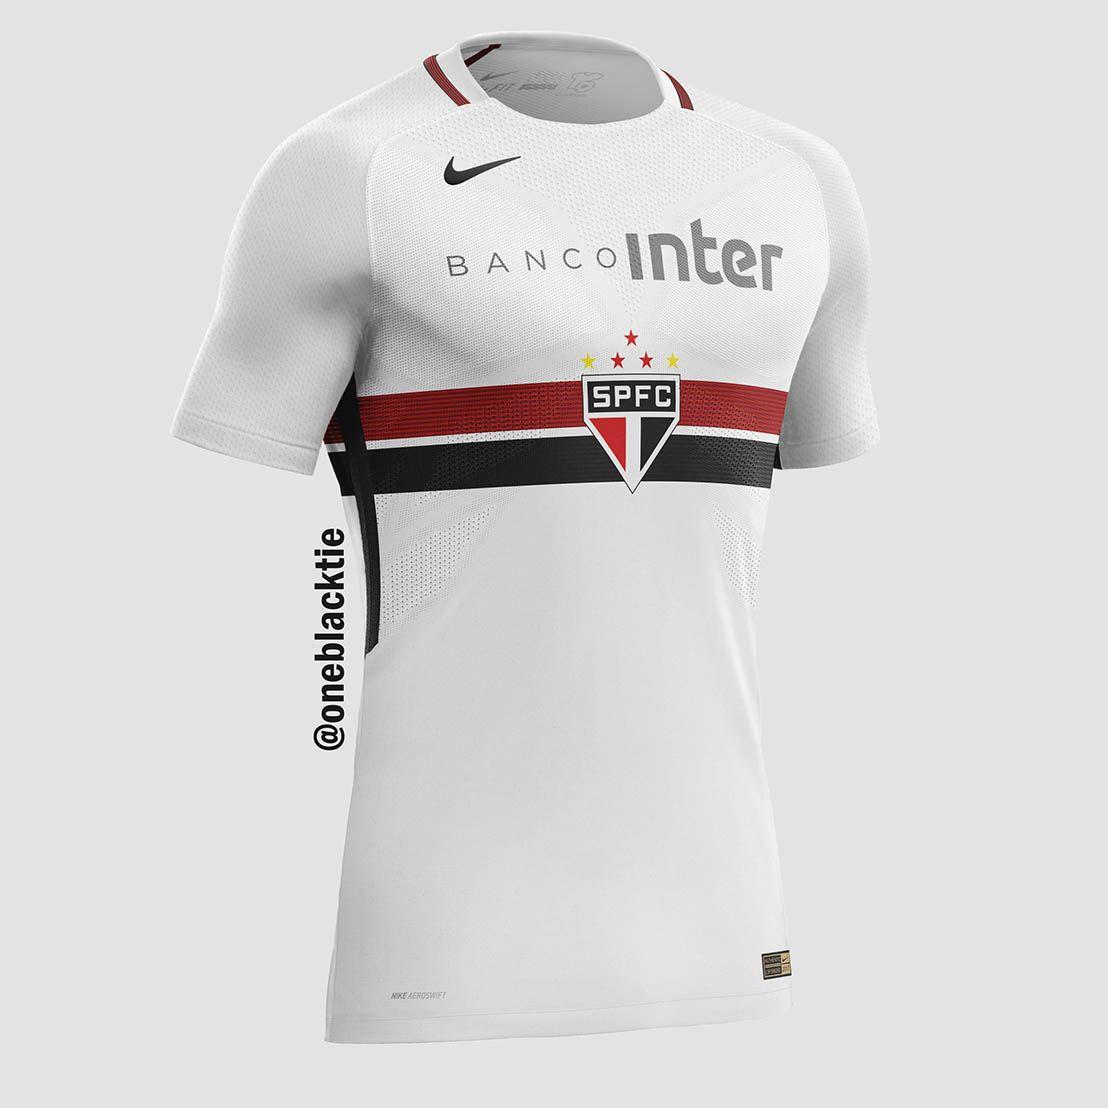 Designer cria camisas de clubes brasileiros inspiradas na Nike - Parte 02 -  Show de Camisas 8eafdc25b795a